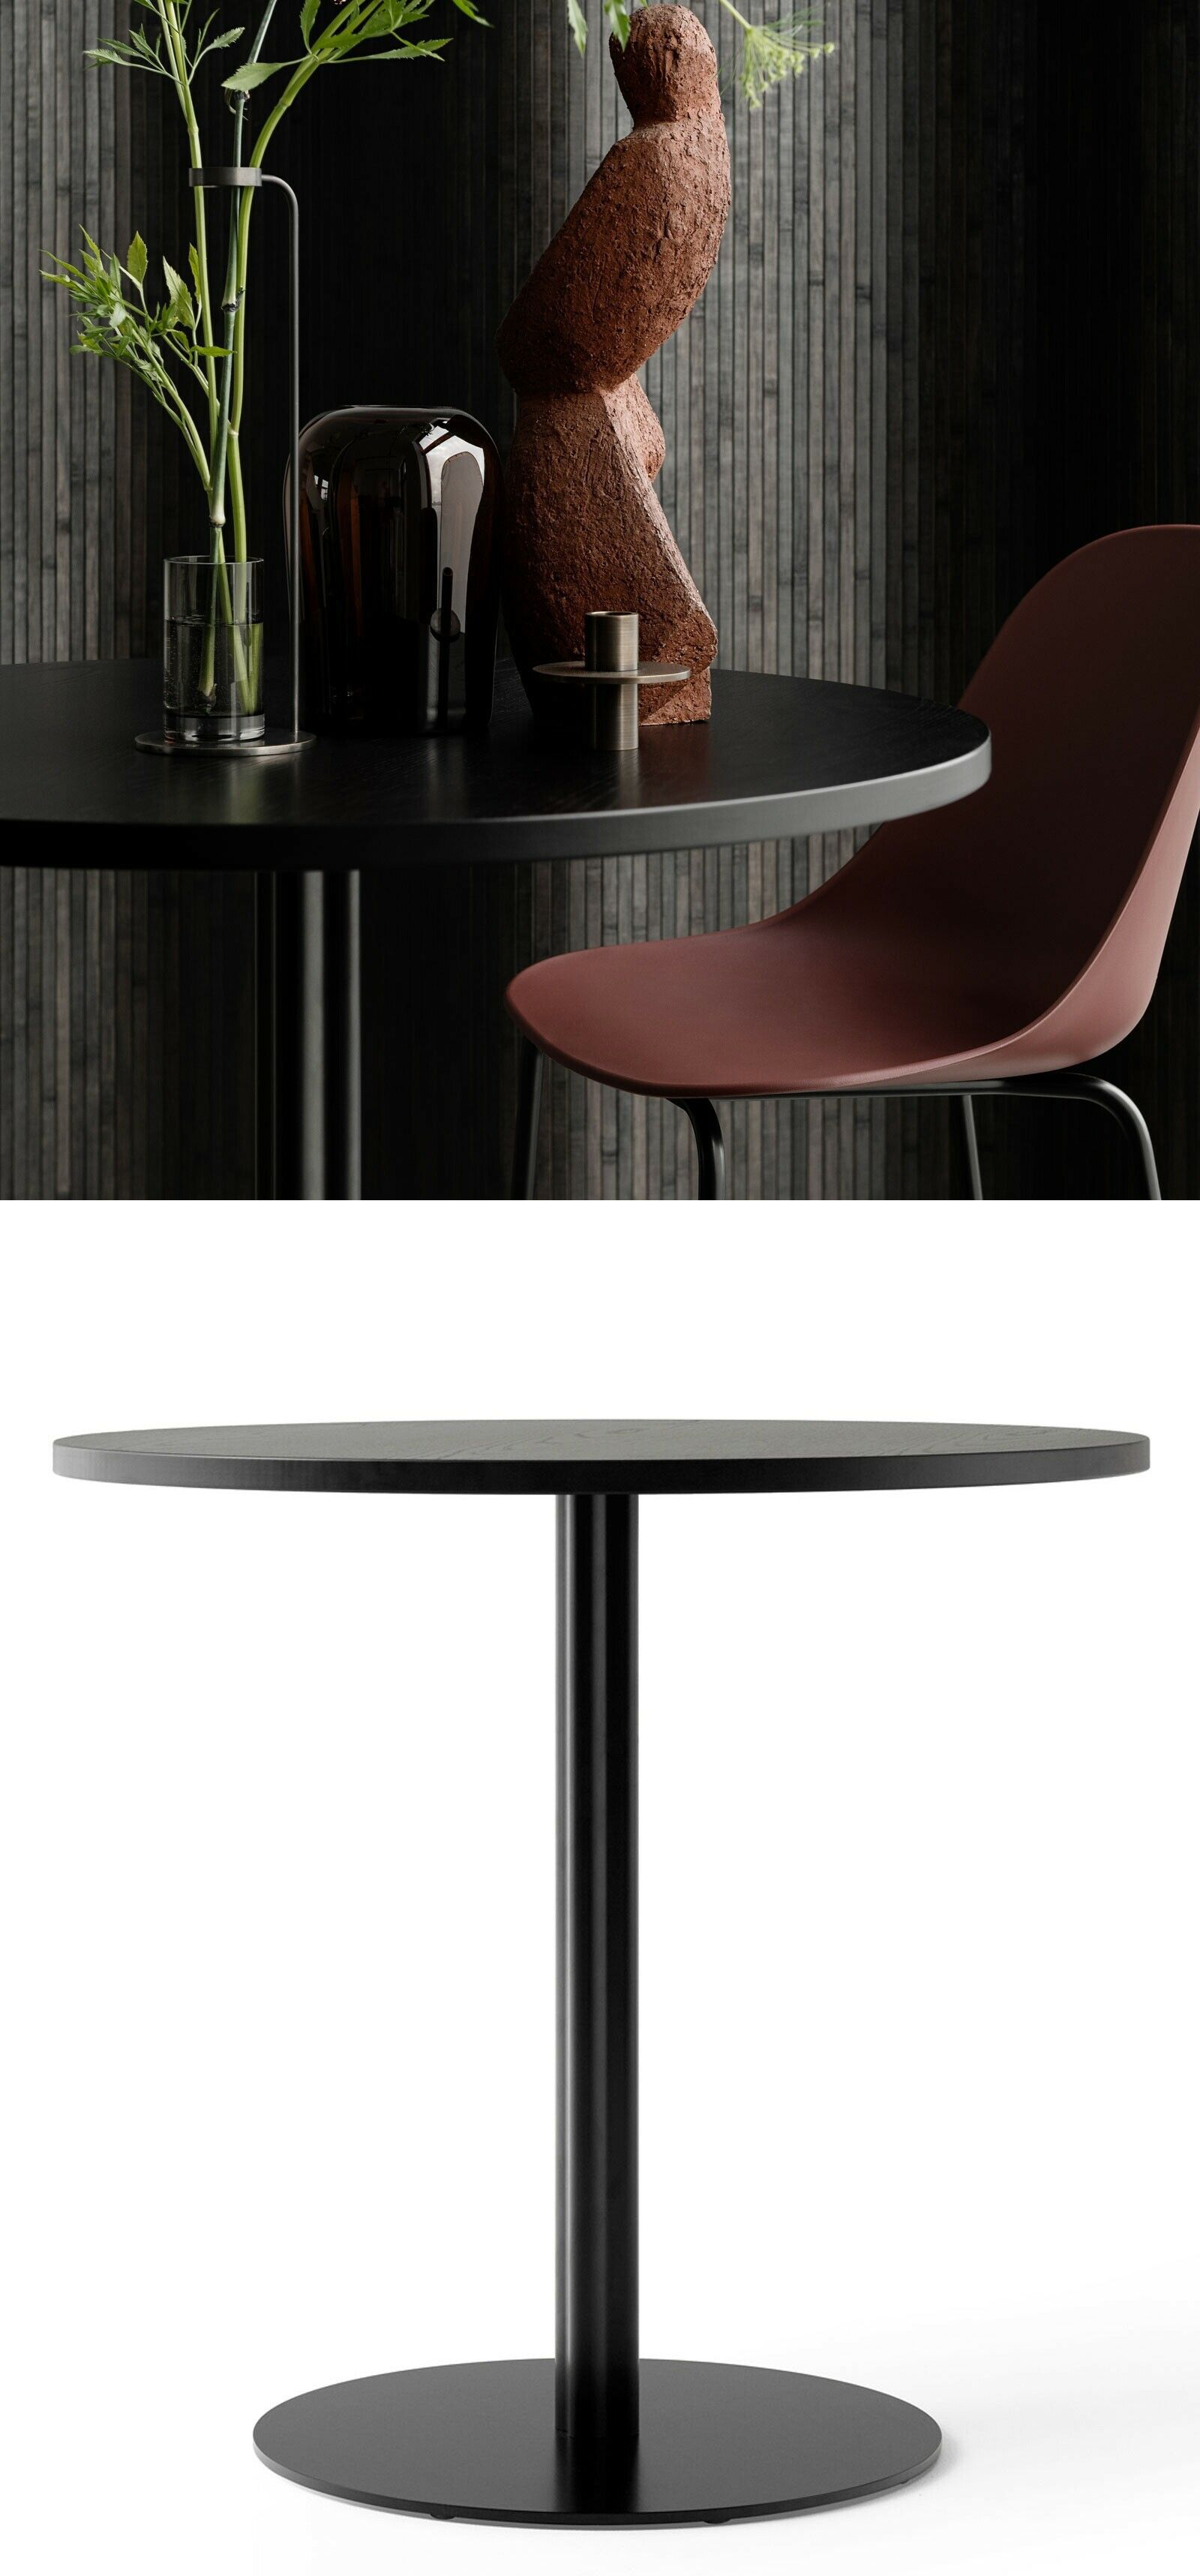 Https Shop Schoener Wohnen De Menu Harbour Column Counter Bar Table O80cm Html 2020 Bistrotisch Schoner Wohnen Wohnen